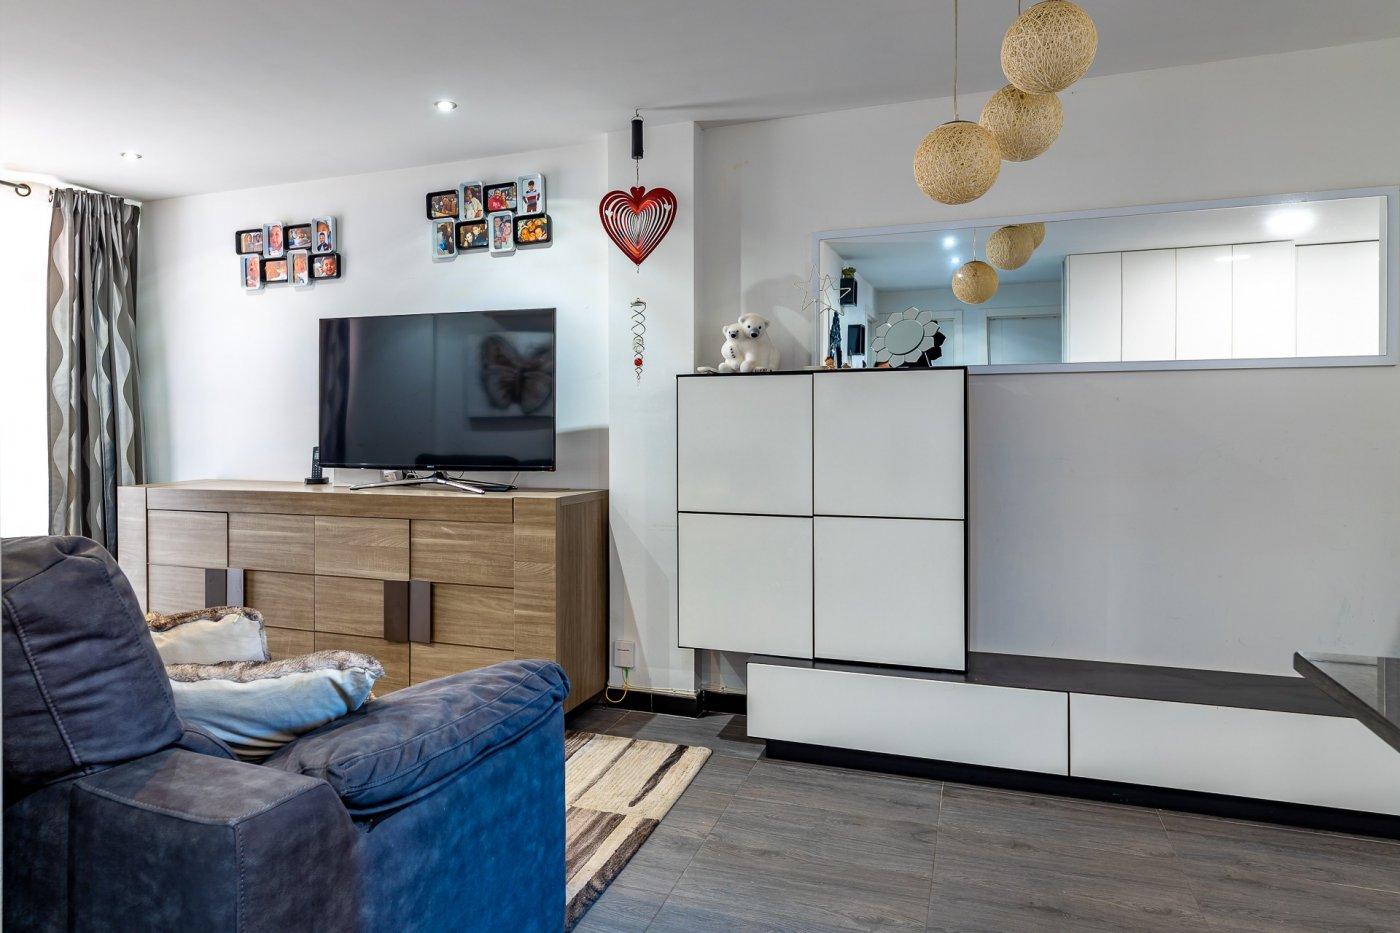 Precioso piso reformado en zona paseo marítimo - imagenInmueble2